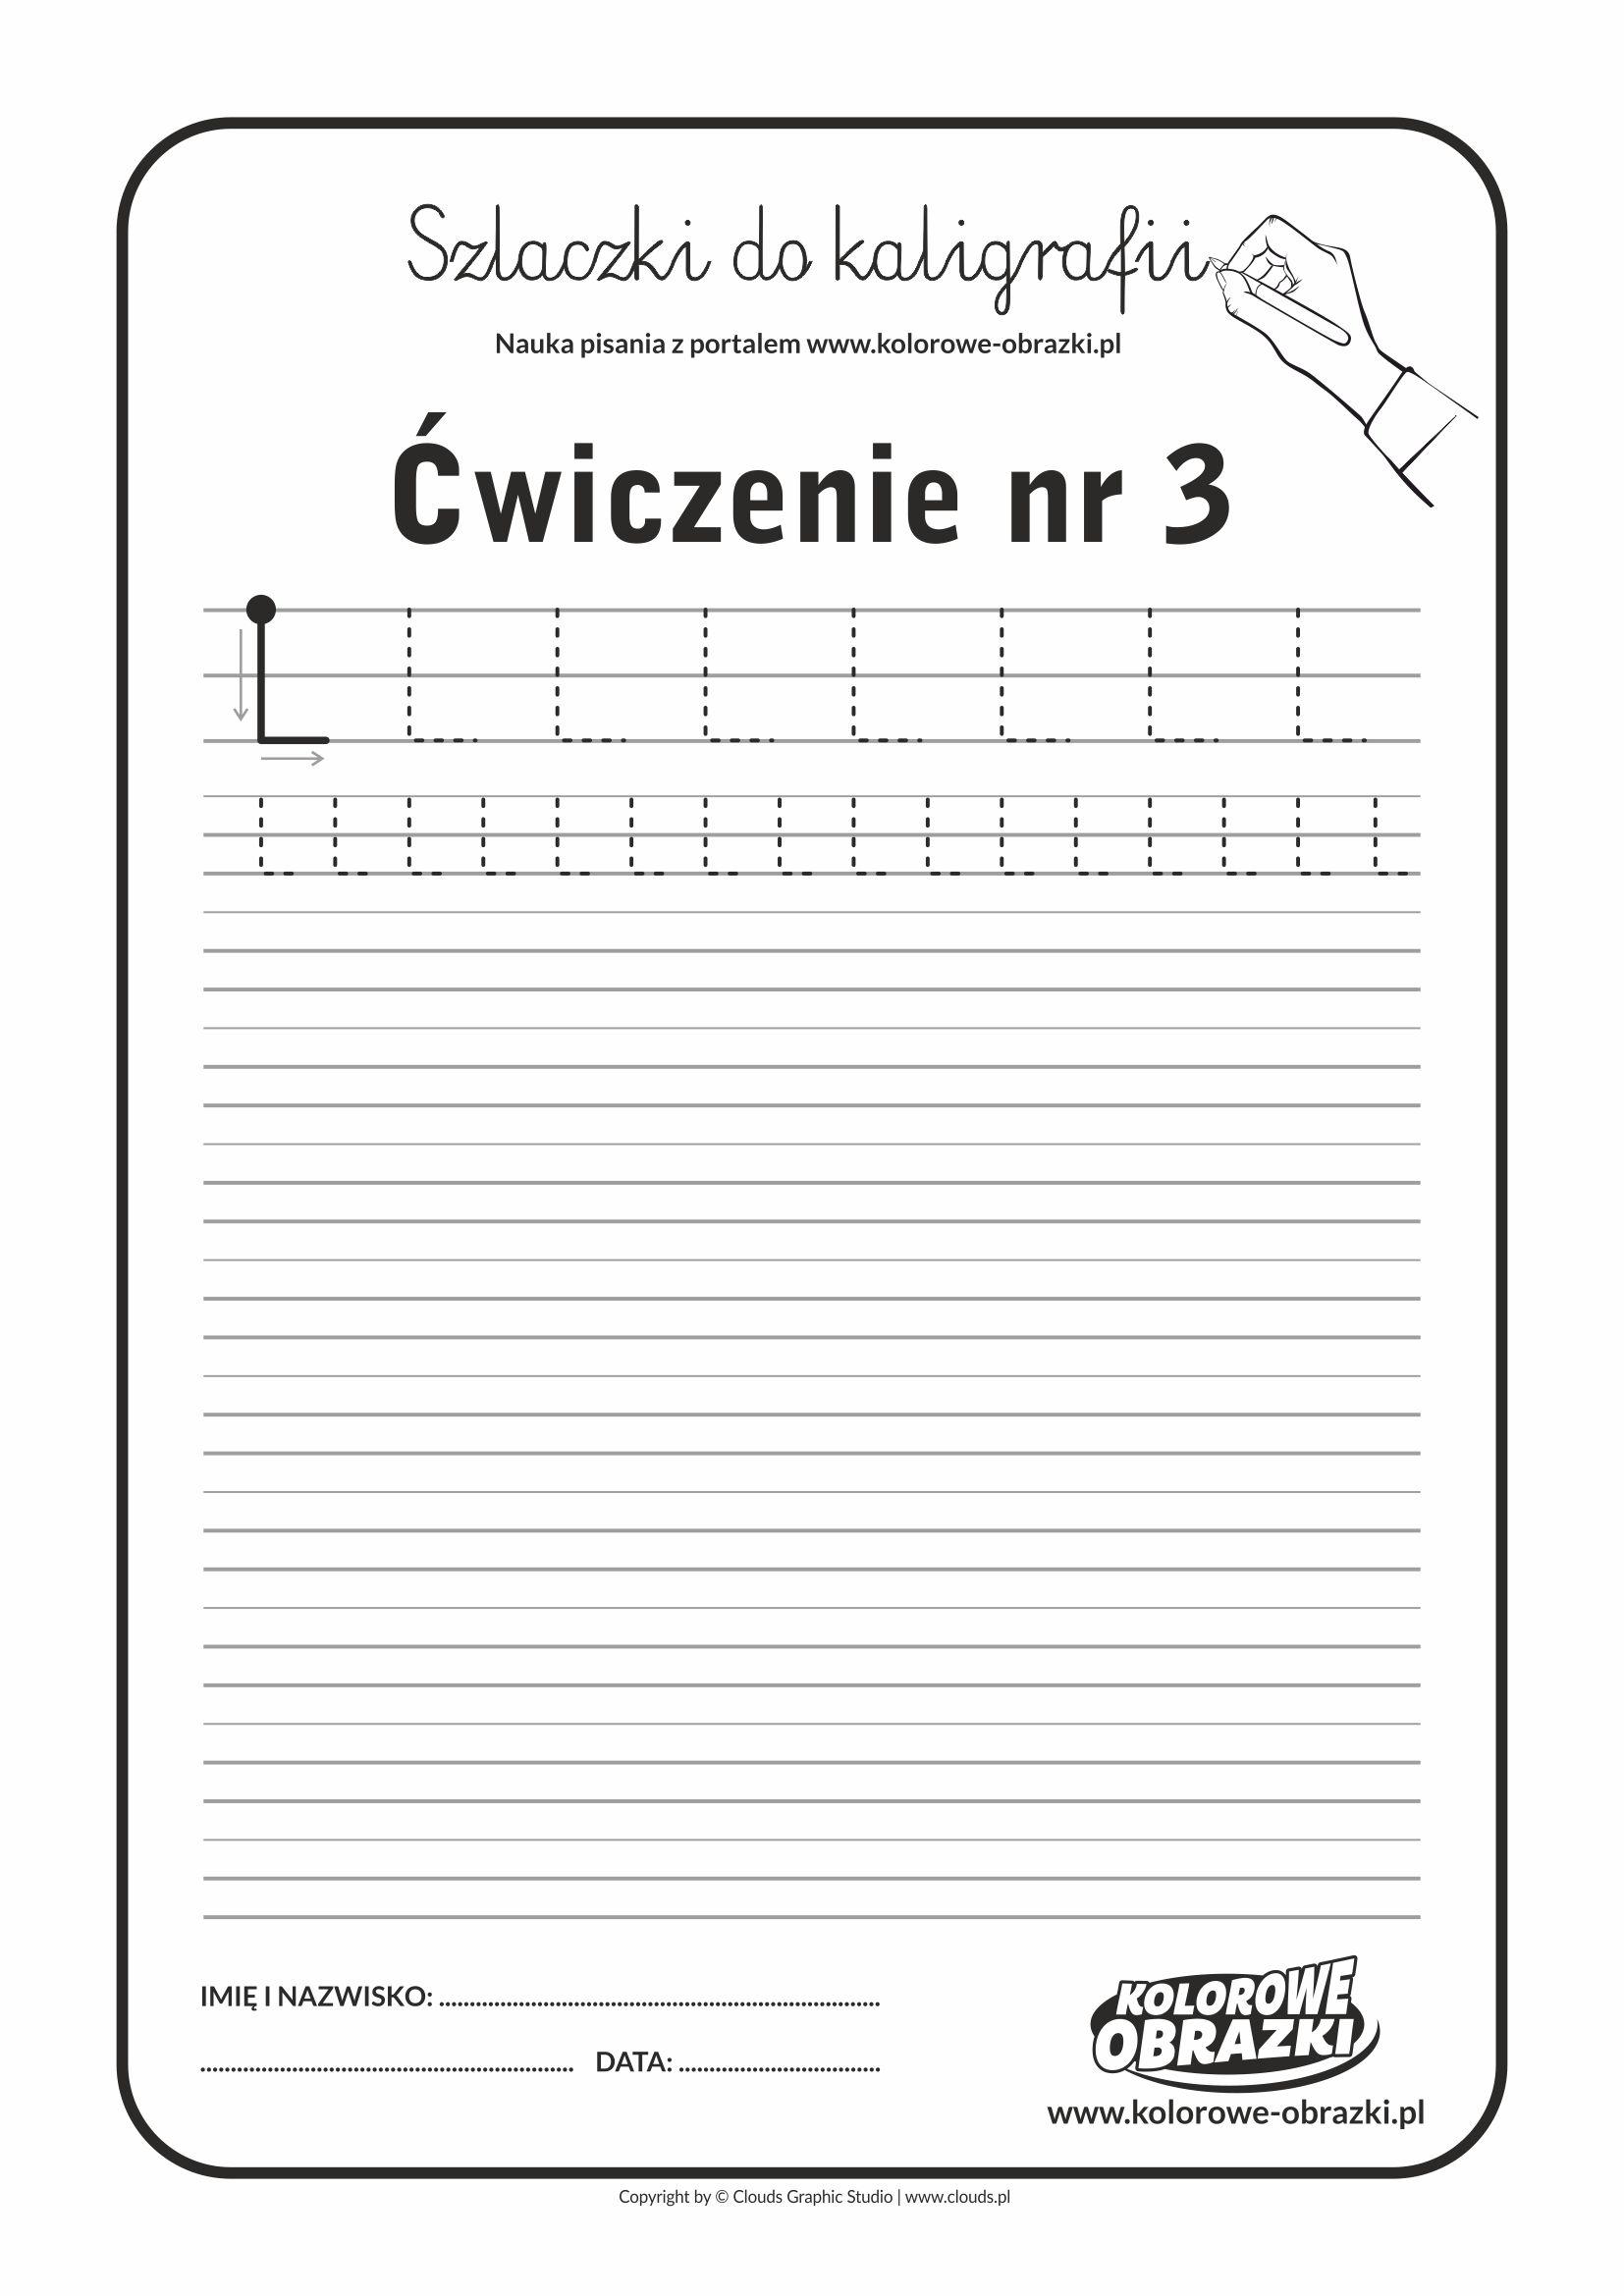 Kaligrafia dla dzieci - Ćwiczenia kaligraficzne / Szlaczki / Ćwiczenie nr 3